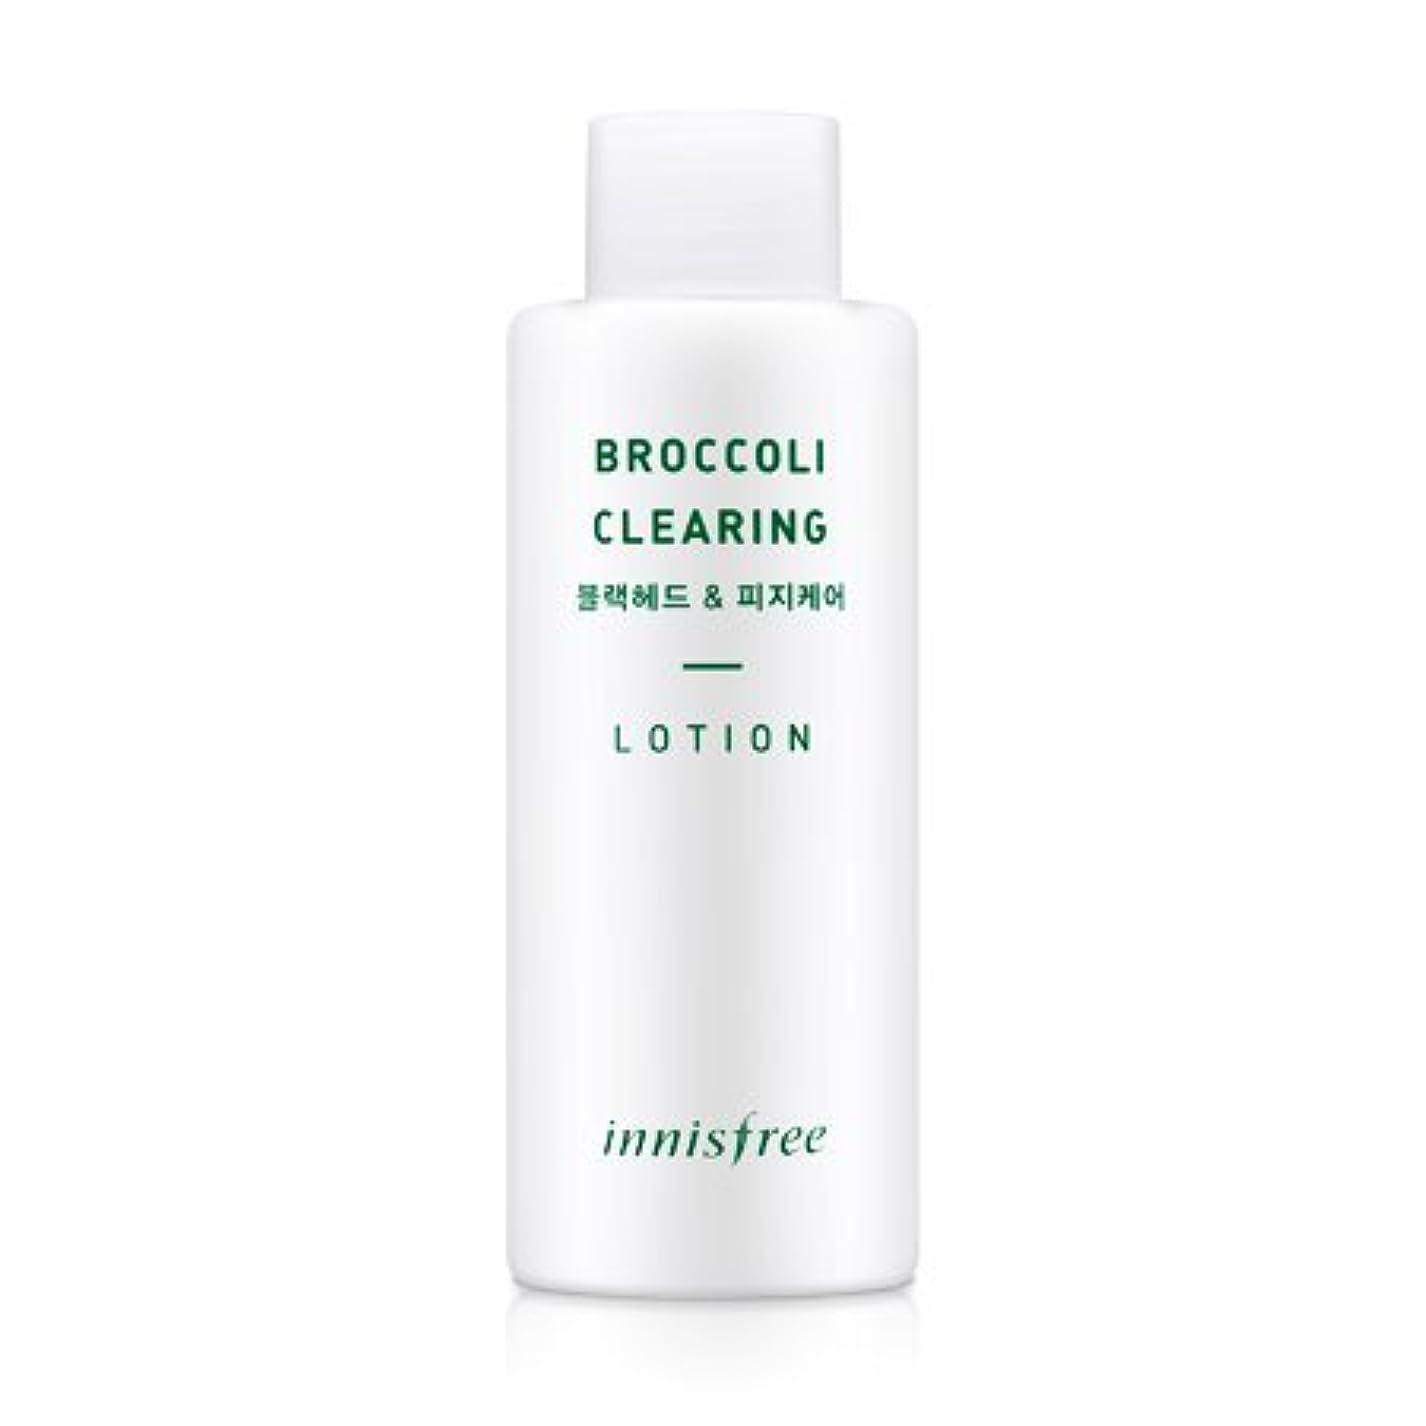 破壊的リーク中庭[innisfree(イニスフリー)] Super food_ Broccoli clearing lotion (130ml) スーパーフード_ブロッコリー クリアリング?ローション[並行輸入品][海外直送品]